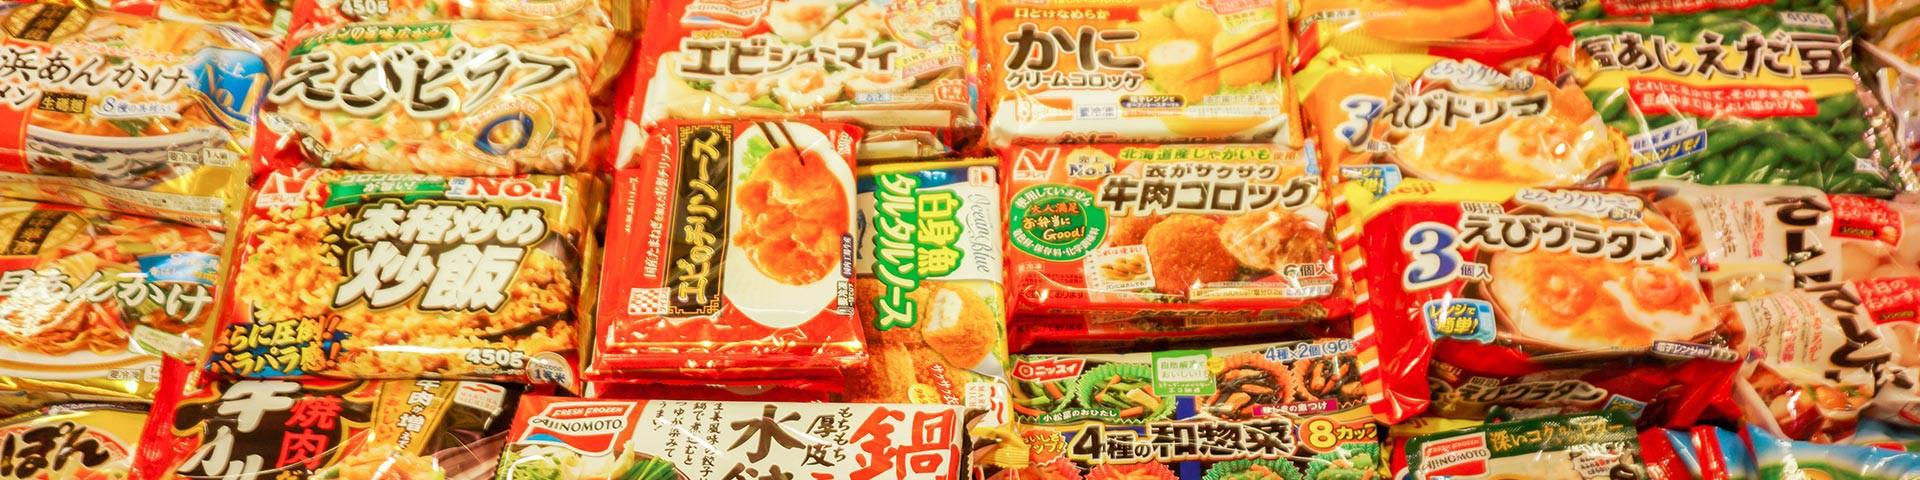 冷蔵・冷凍食品